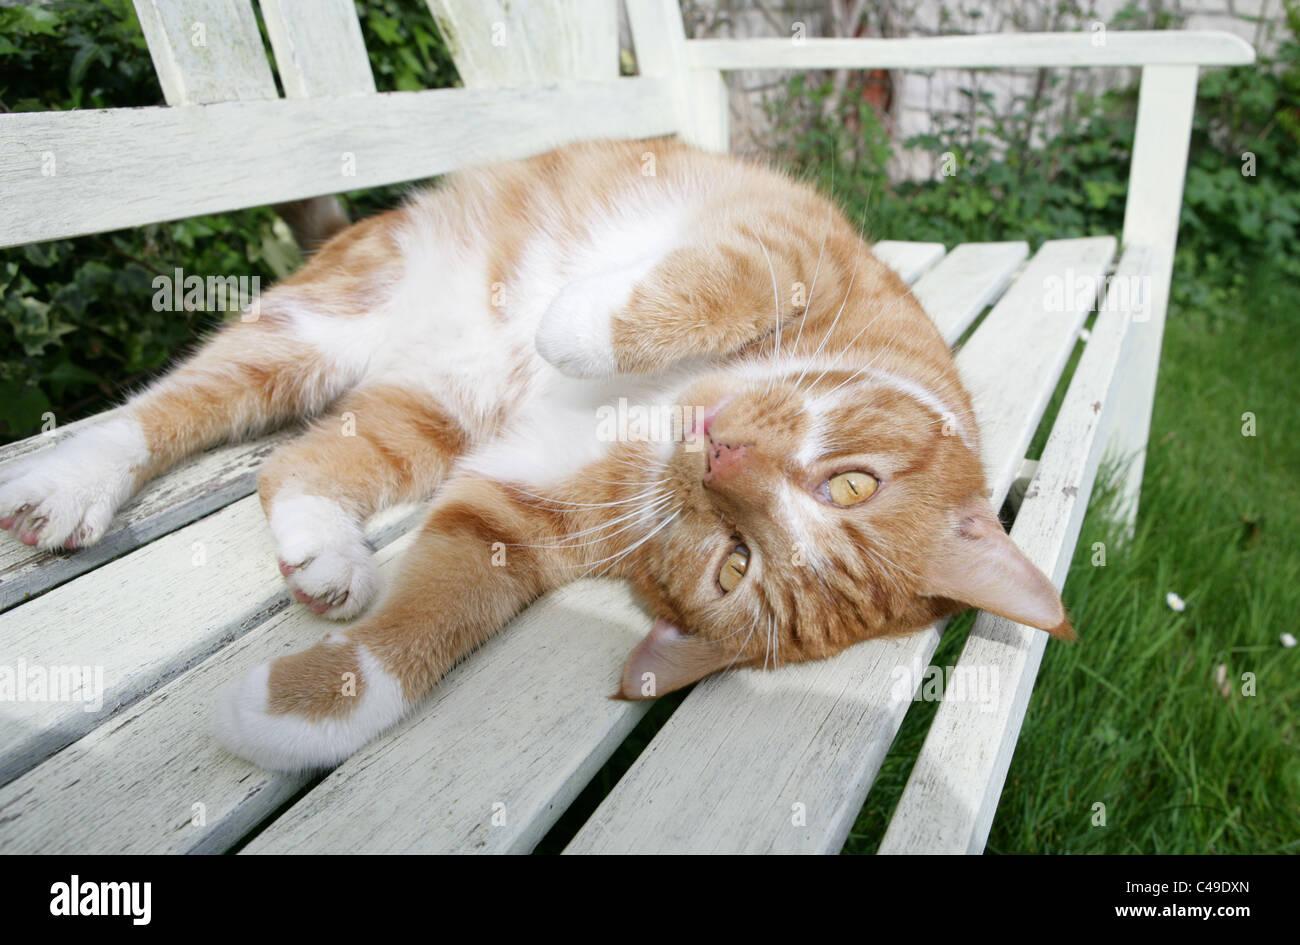 Il gatto domestico singolo adulto in appoggio su un bancale REGNO UNITO Immagini Stock